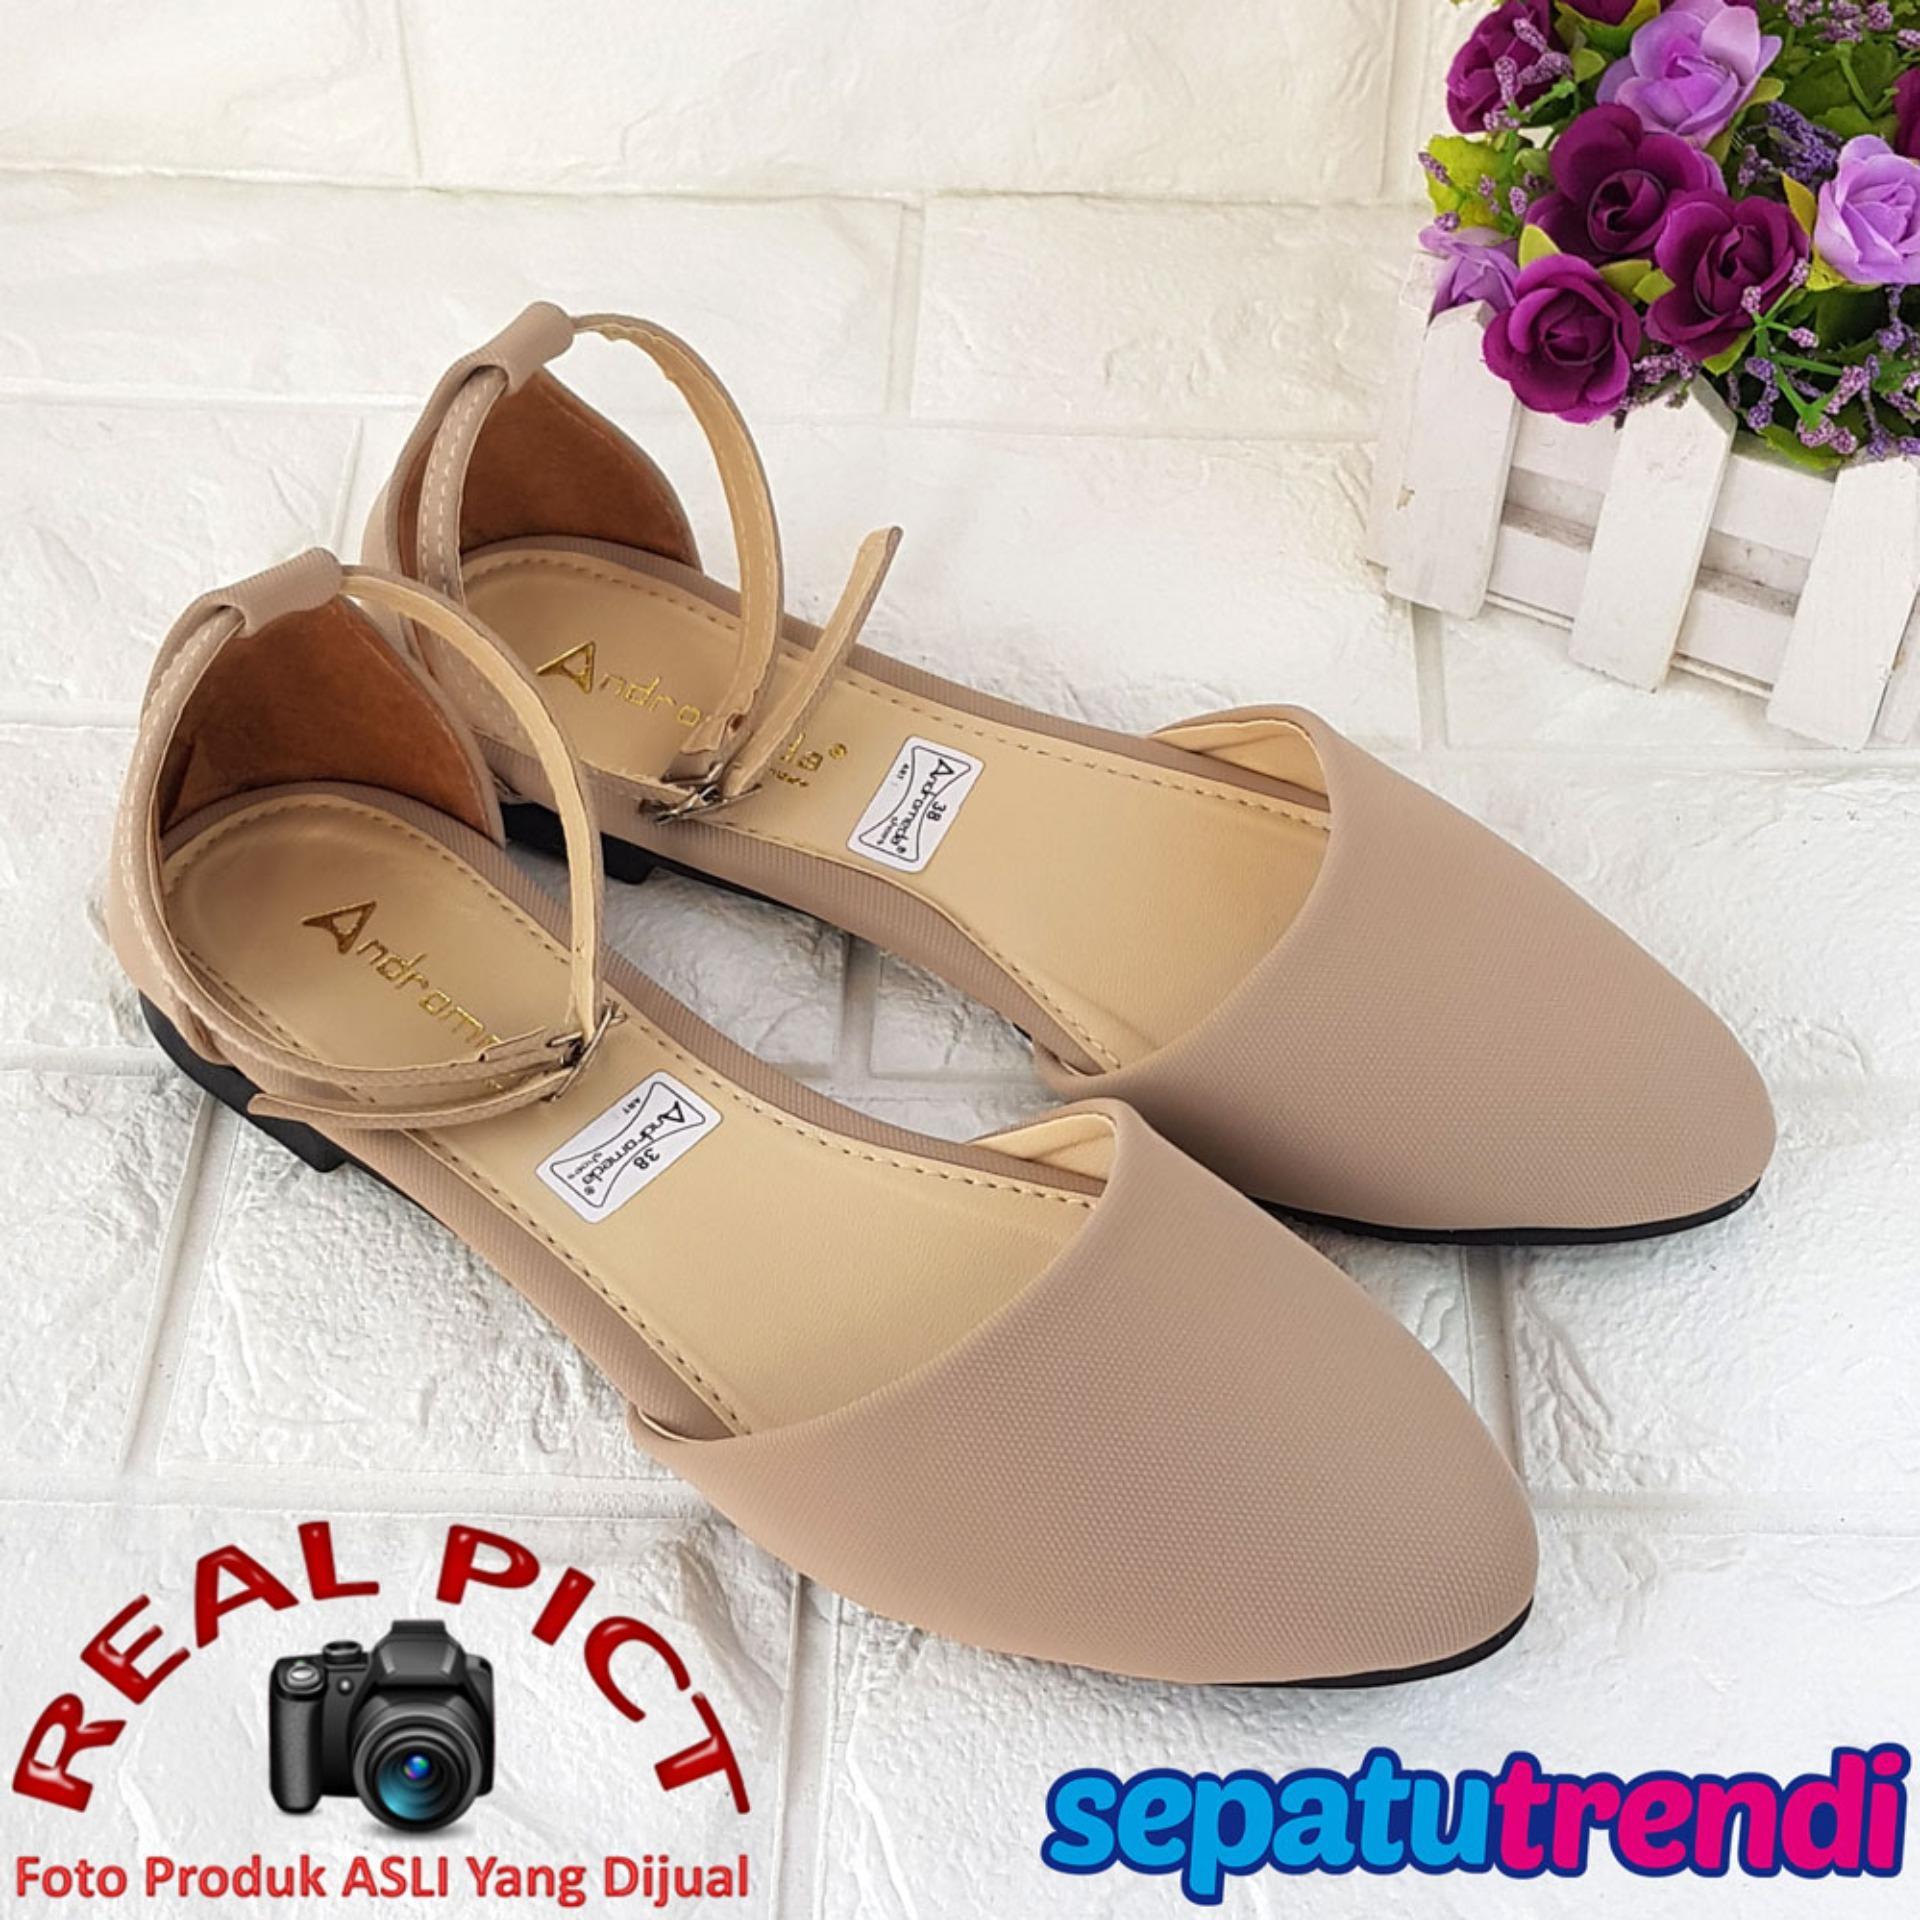 Harga Trendi Sepatu Wanita Flat Shoes D Orsay Ankle Strap Gelang Soglg Lengkap